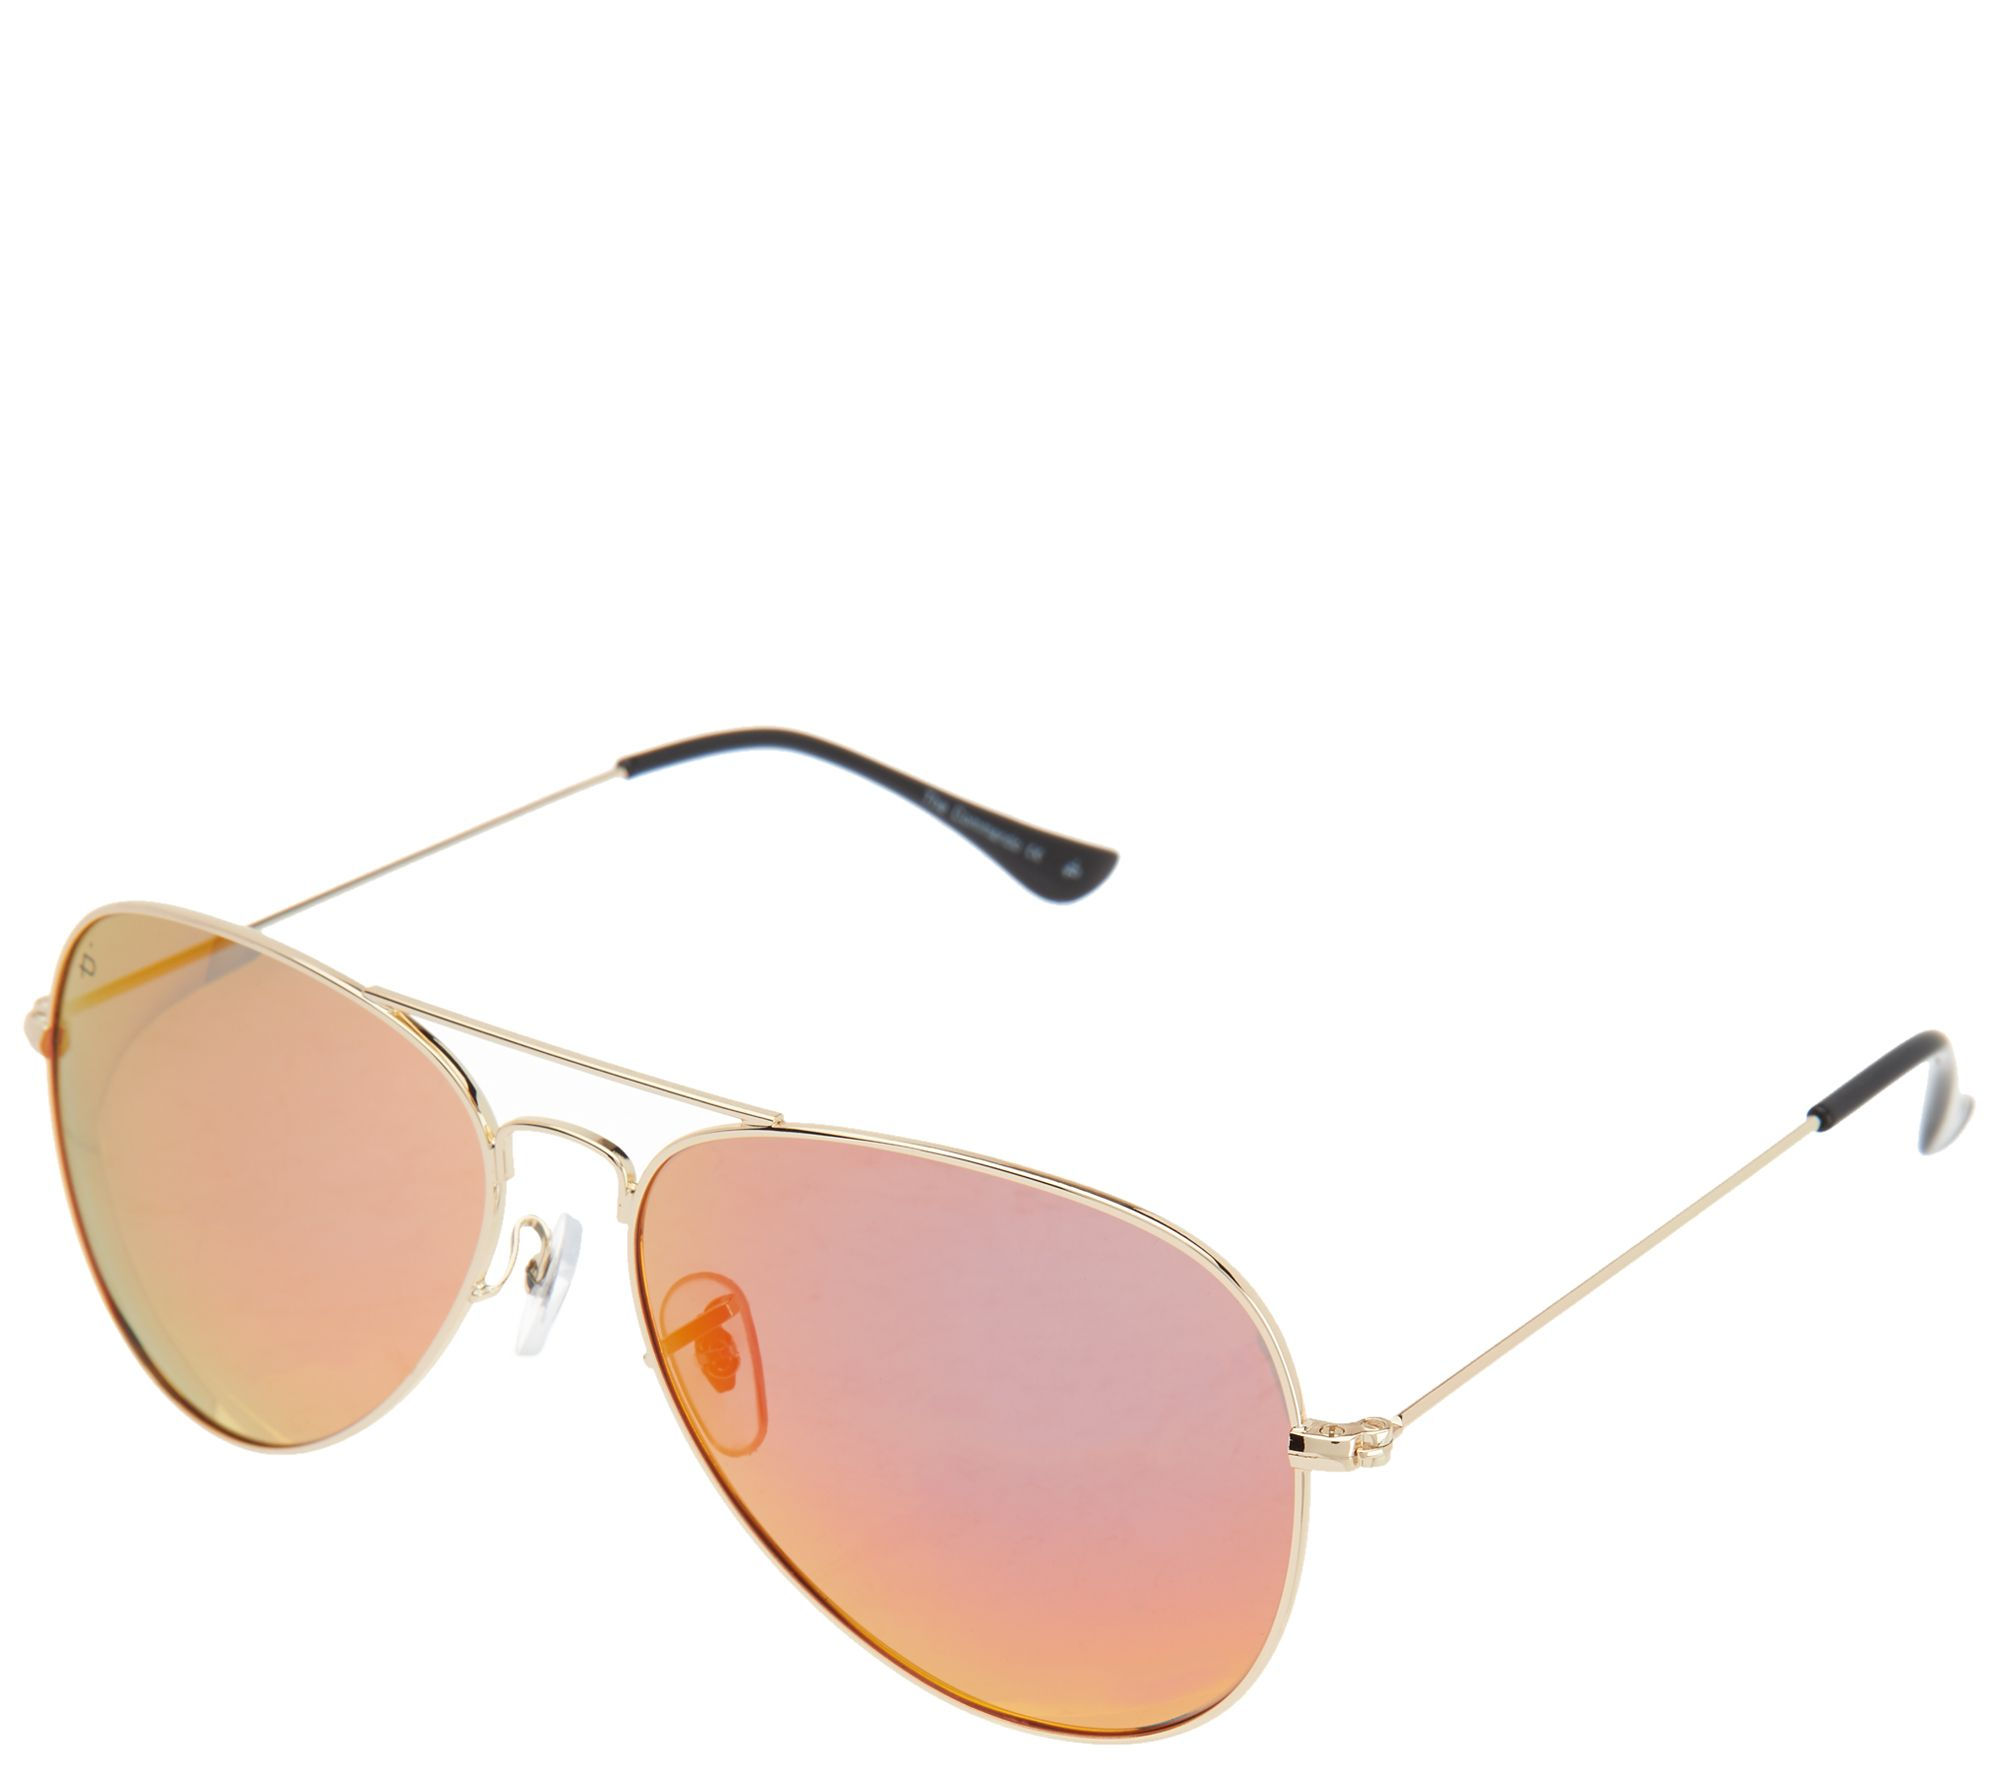 bd71564e586 Prive Revaux Commando Aviator Polarized Sunglasses - Page 1 — QVC.com